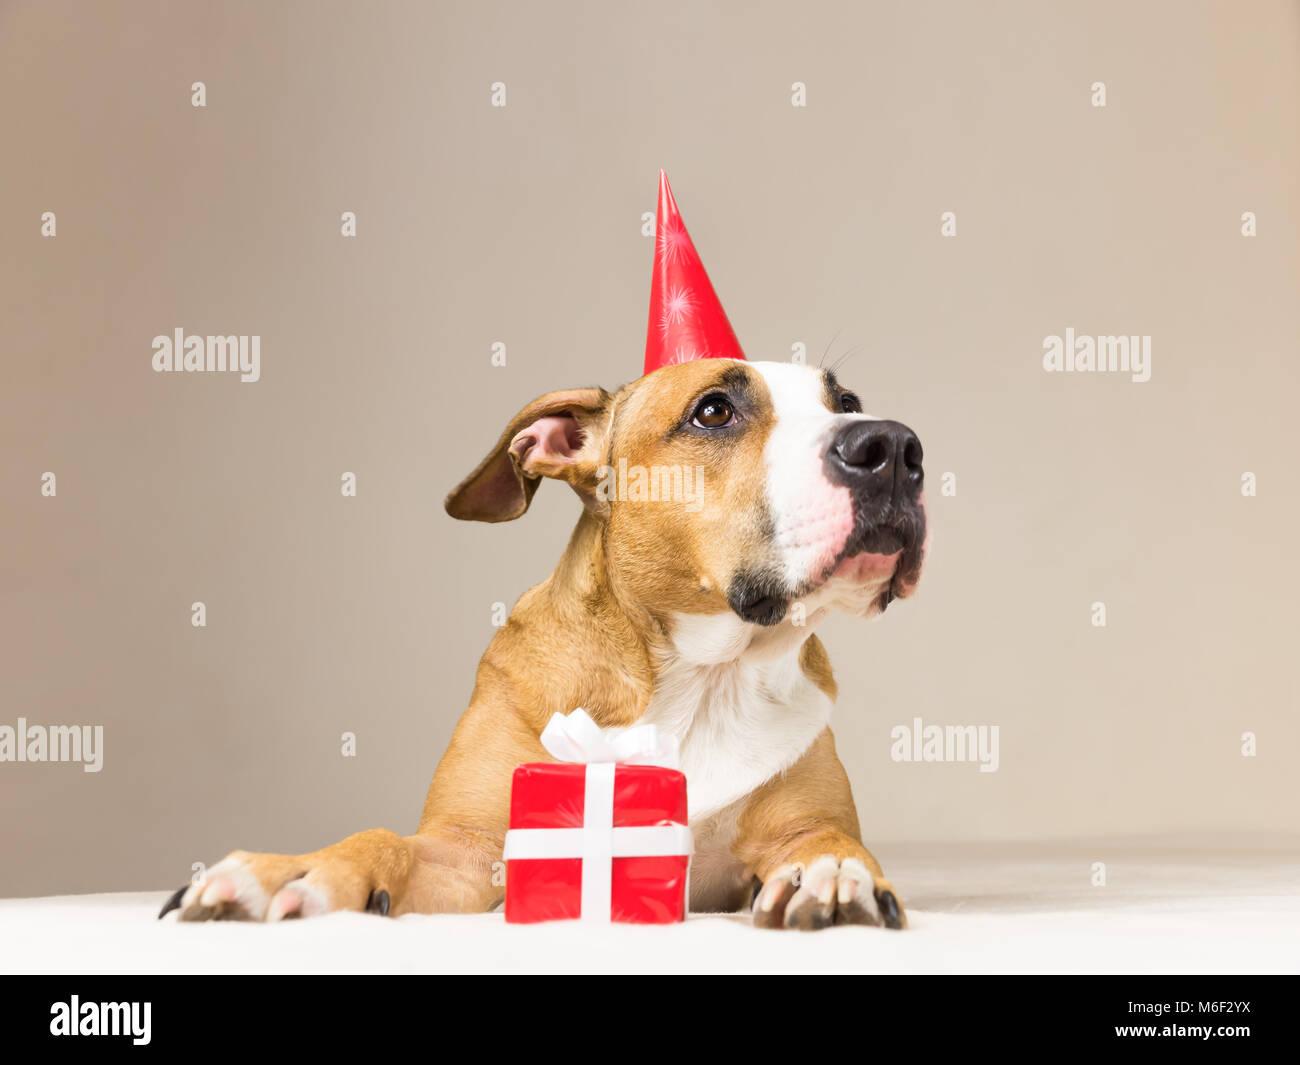 Lustige Pitbull Welpen In Geburtstag Hut Mit Kleiner Uberraschung